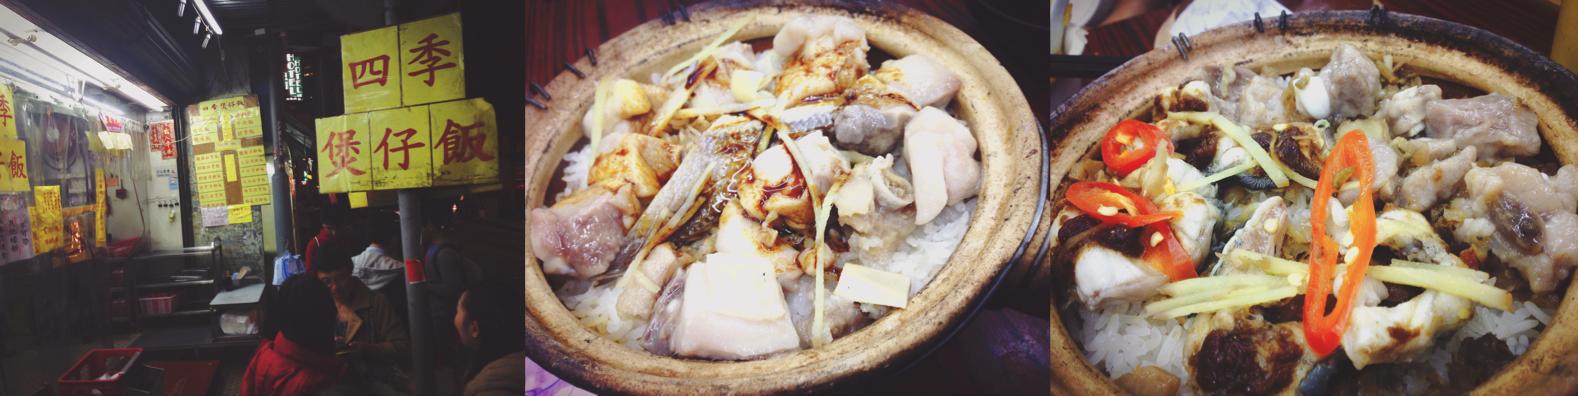 Four Seasons Claypot Rice Yau Ma Tei Hong Kong